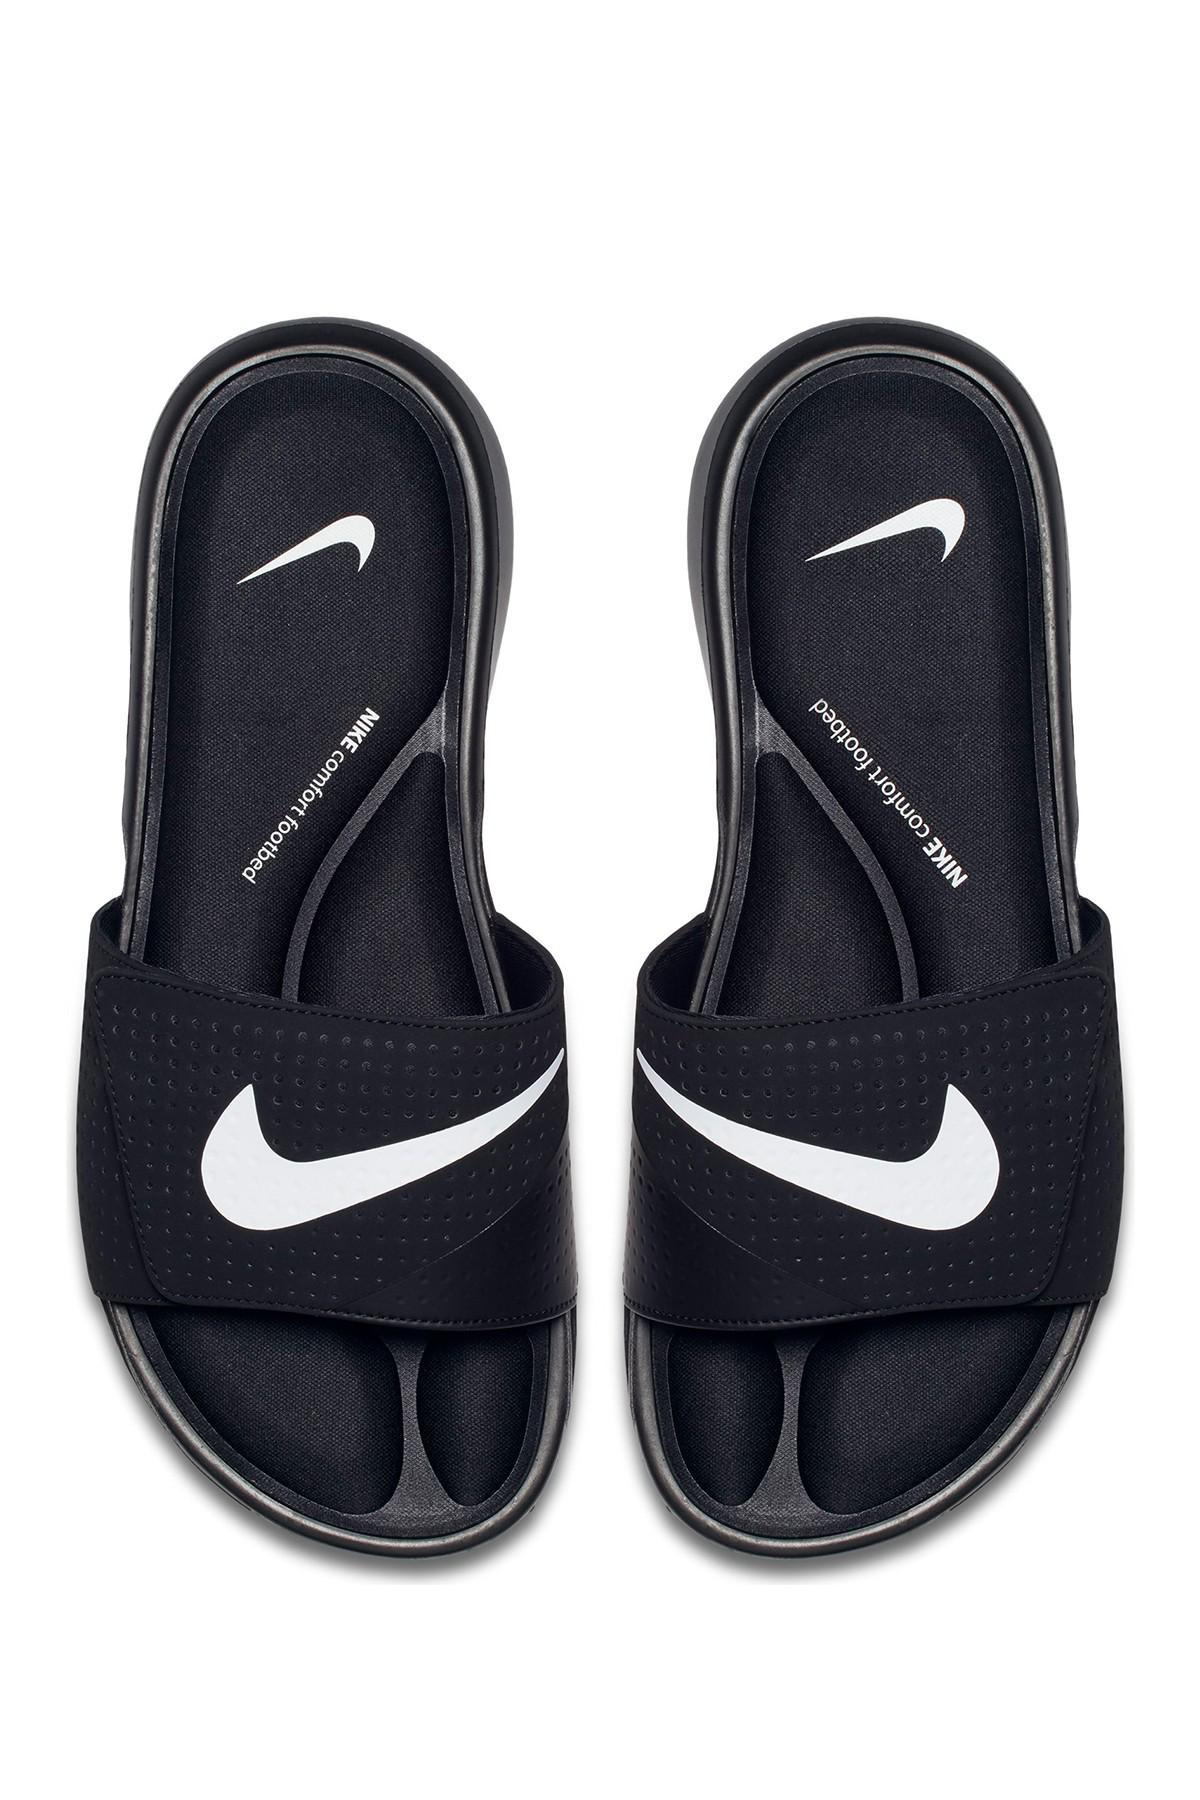 3ba0b21413235 Lyst - Nike Ultra Comfort Slide Sandal in Black for Men